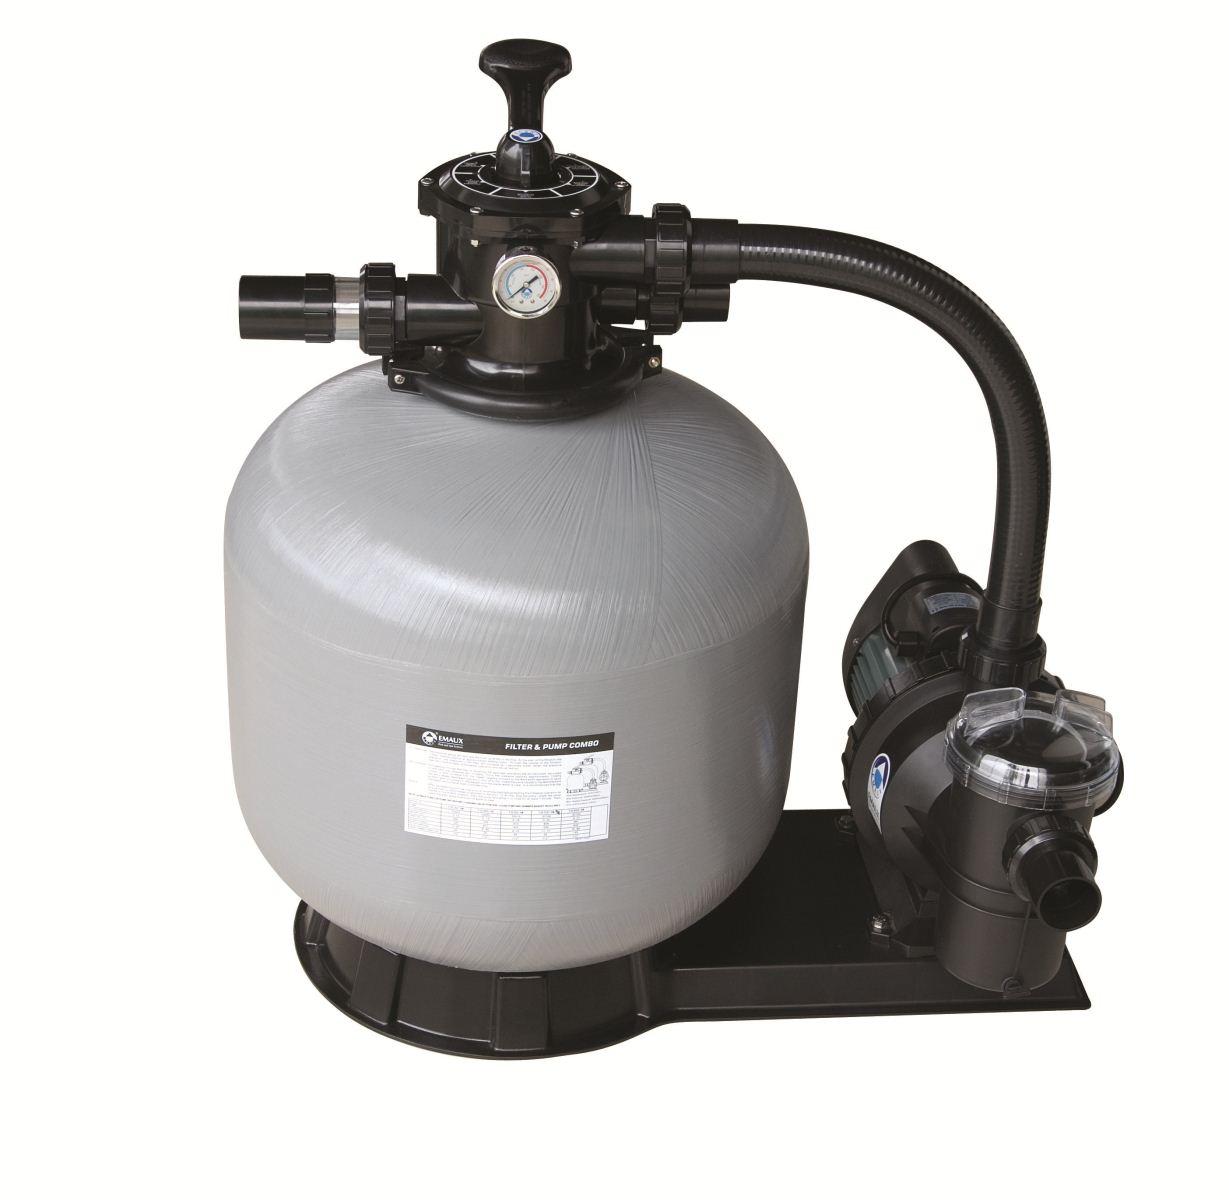 thiết bị lọc nước bể bơi bao gồm bình lọc nước và máy bơm